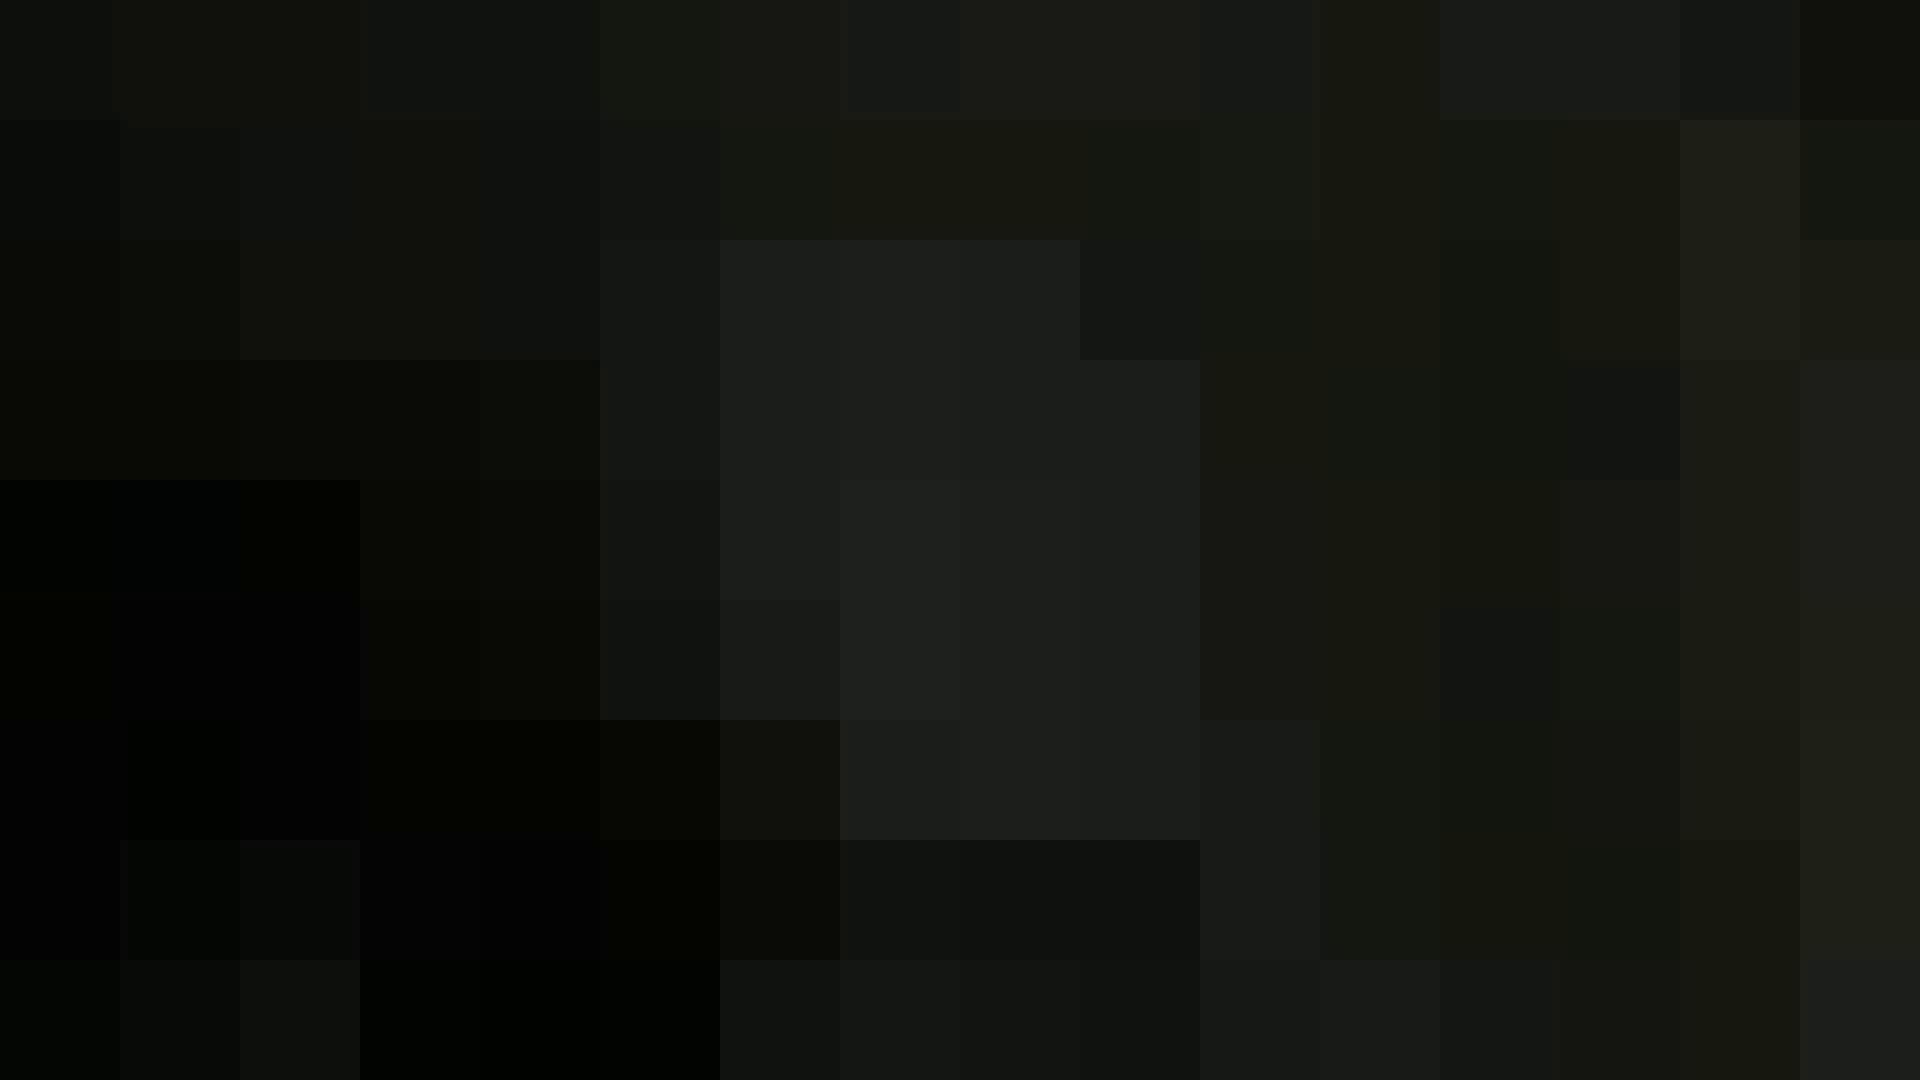 【美しき個室な世界】 vol.025 メガネ属性ヾ(´∀`)ノ 洗面所 AV動画キャプチャ 94pic 14